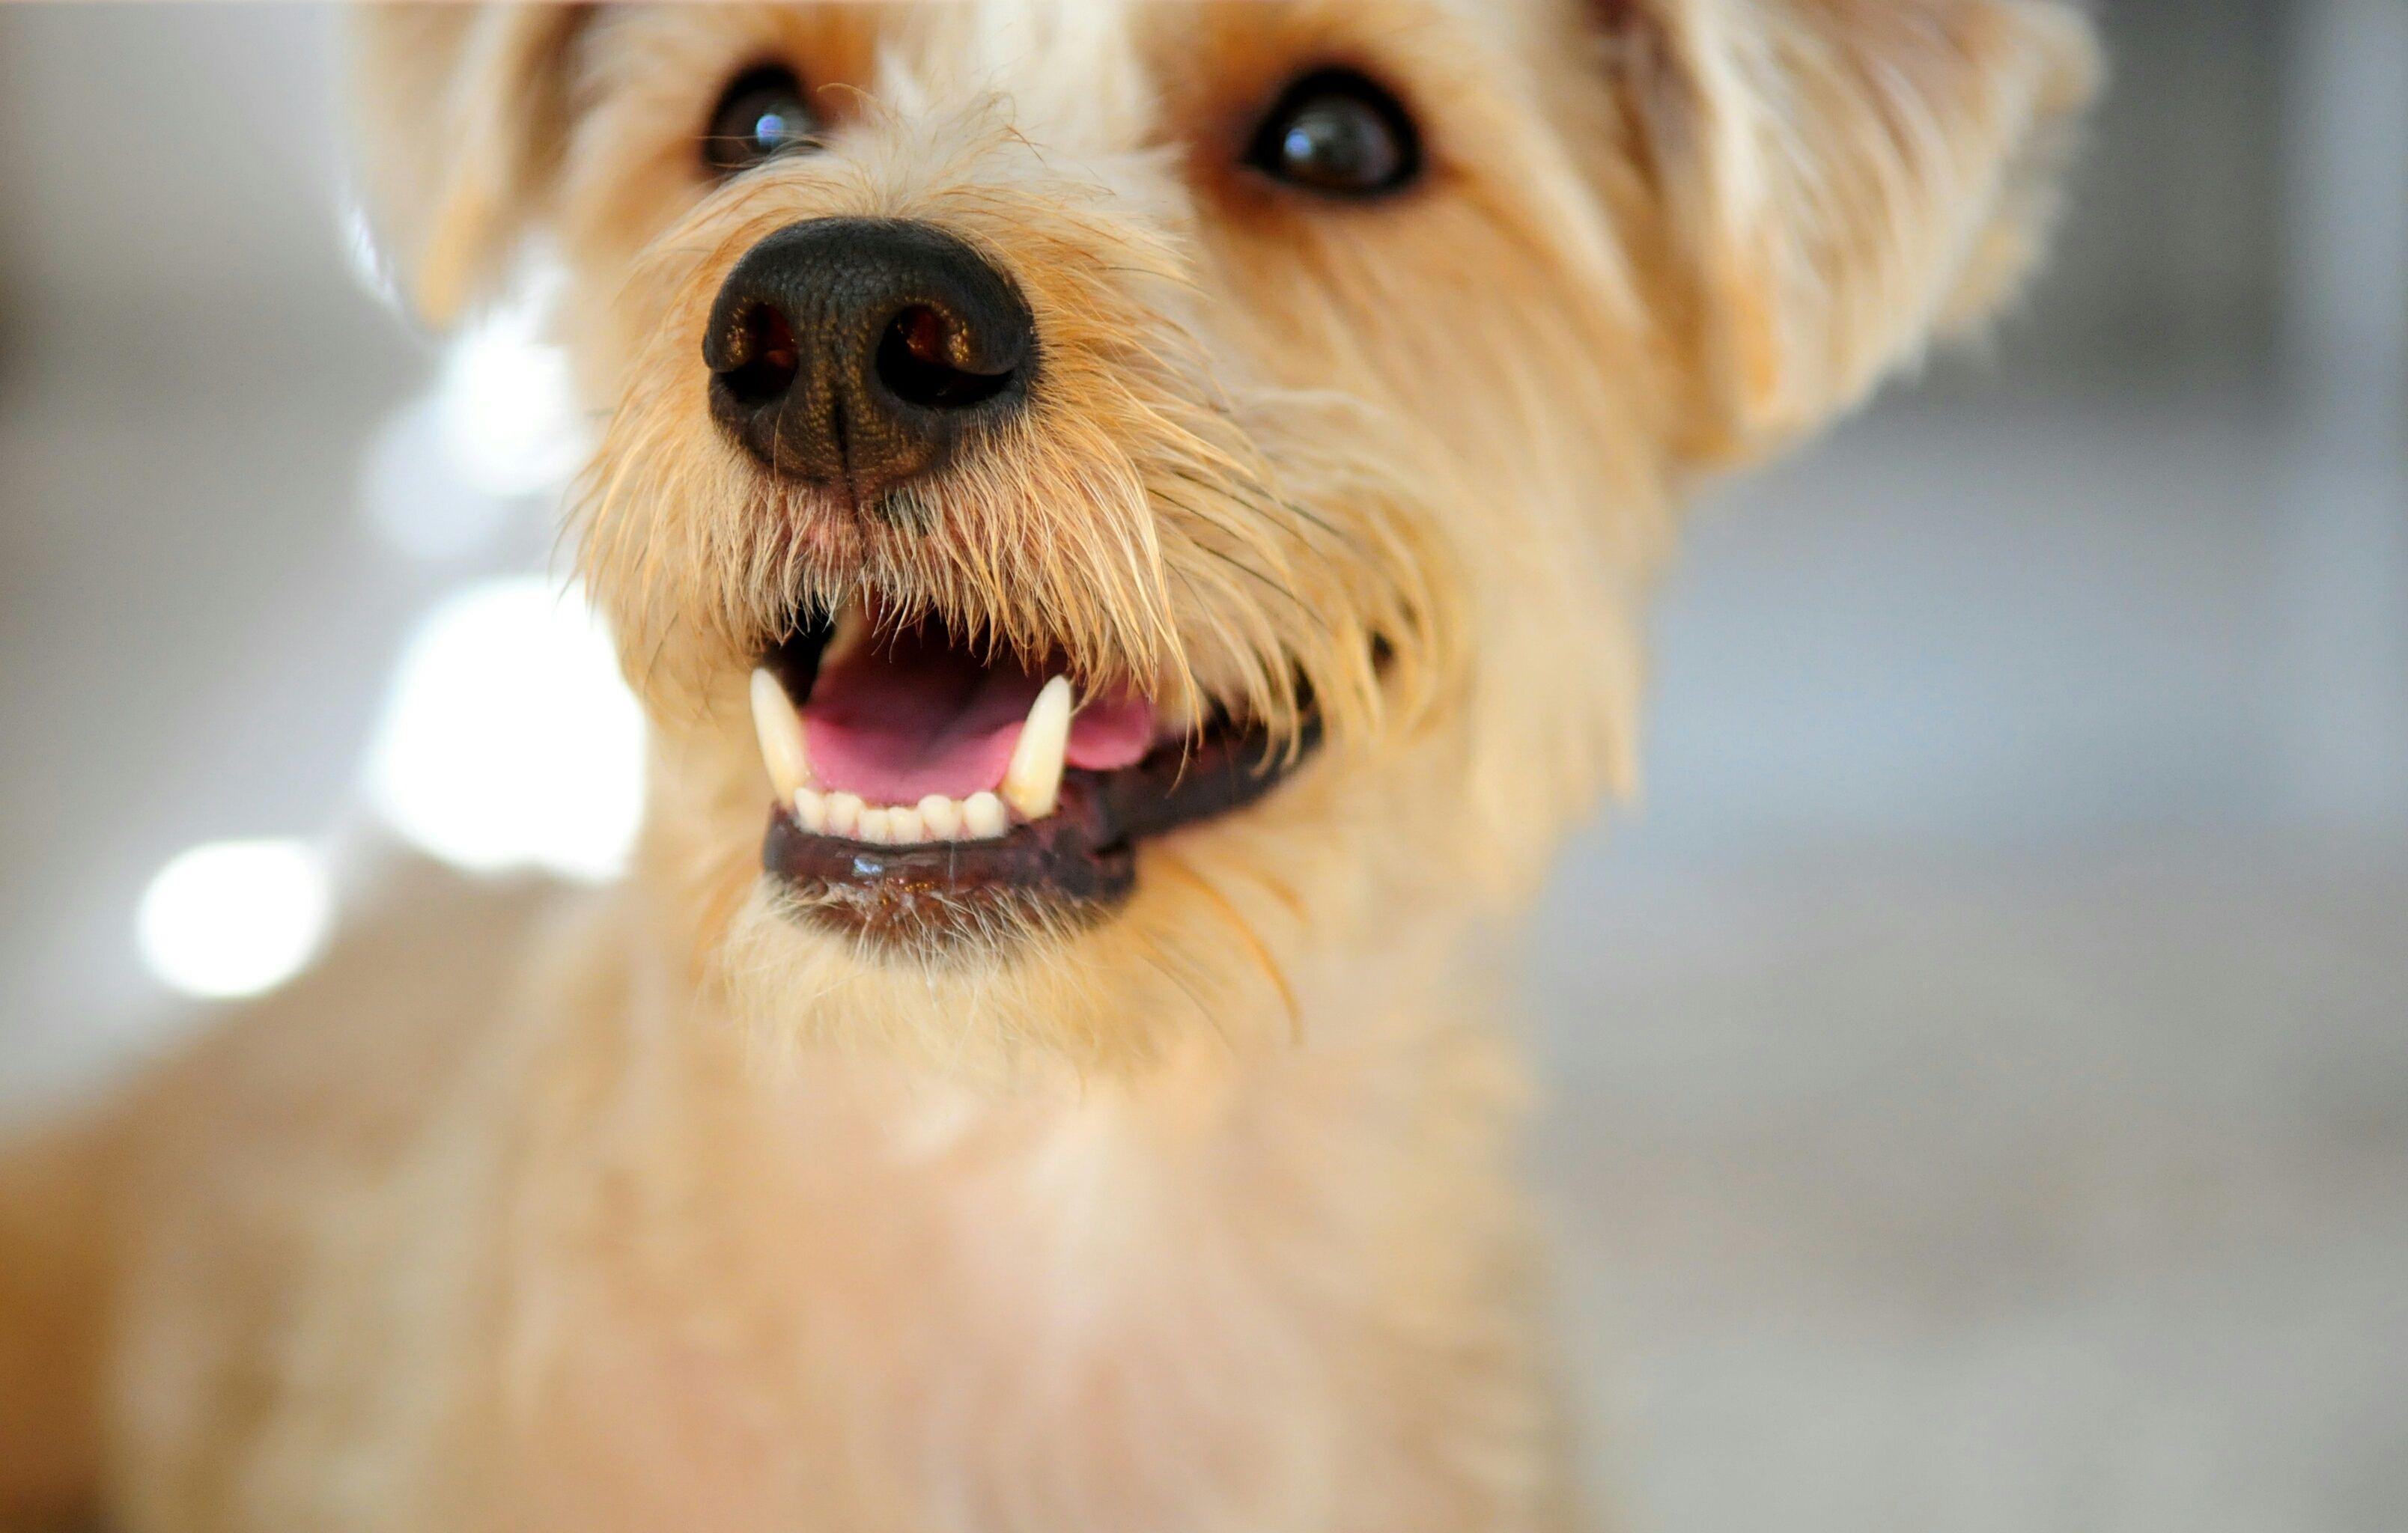 teeth of an adult dog